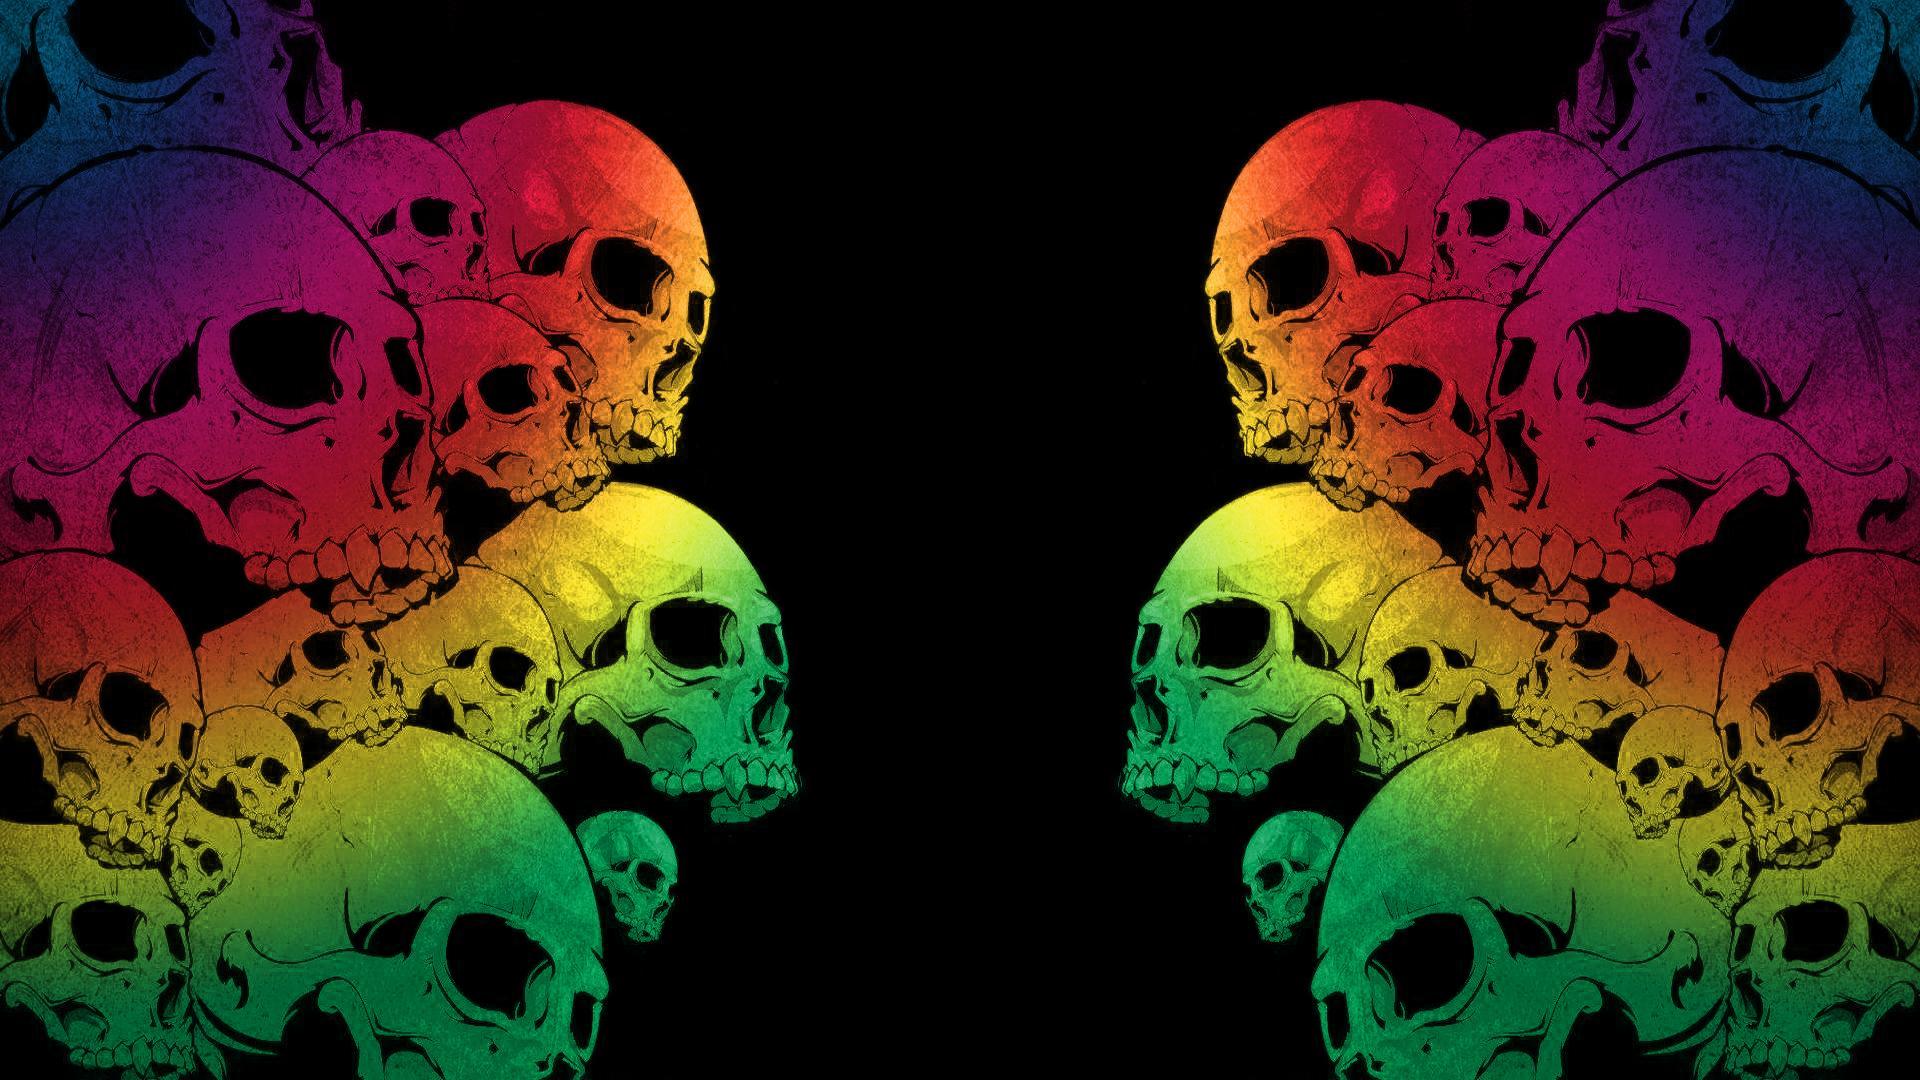 Skull Computer Wallpapers Desktop Backgrounds 1920x1080 ID310526 1920x1080